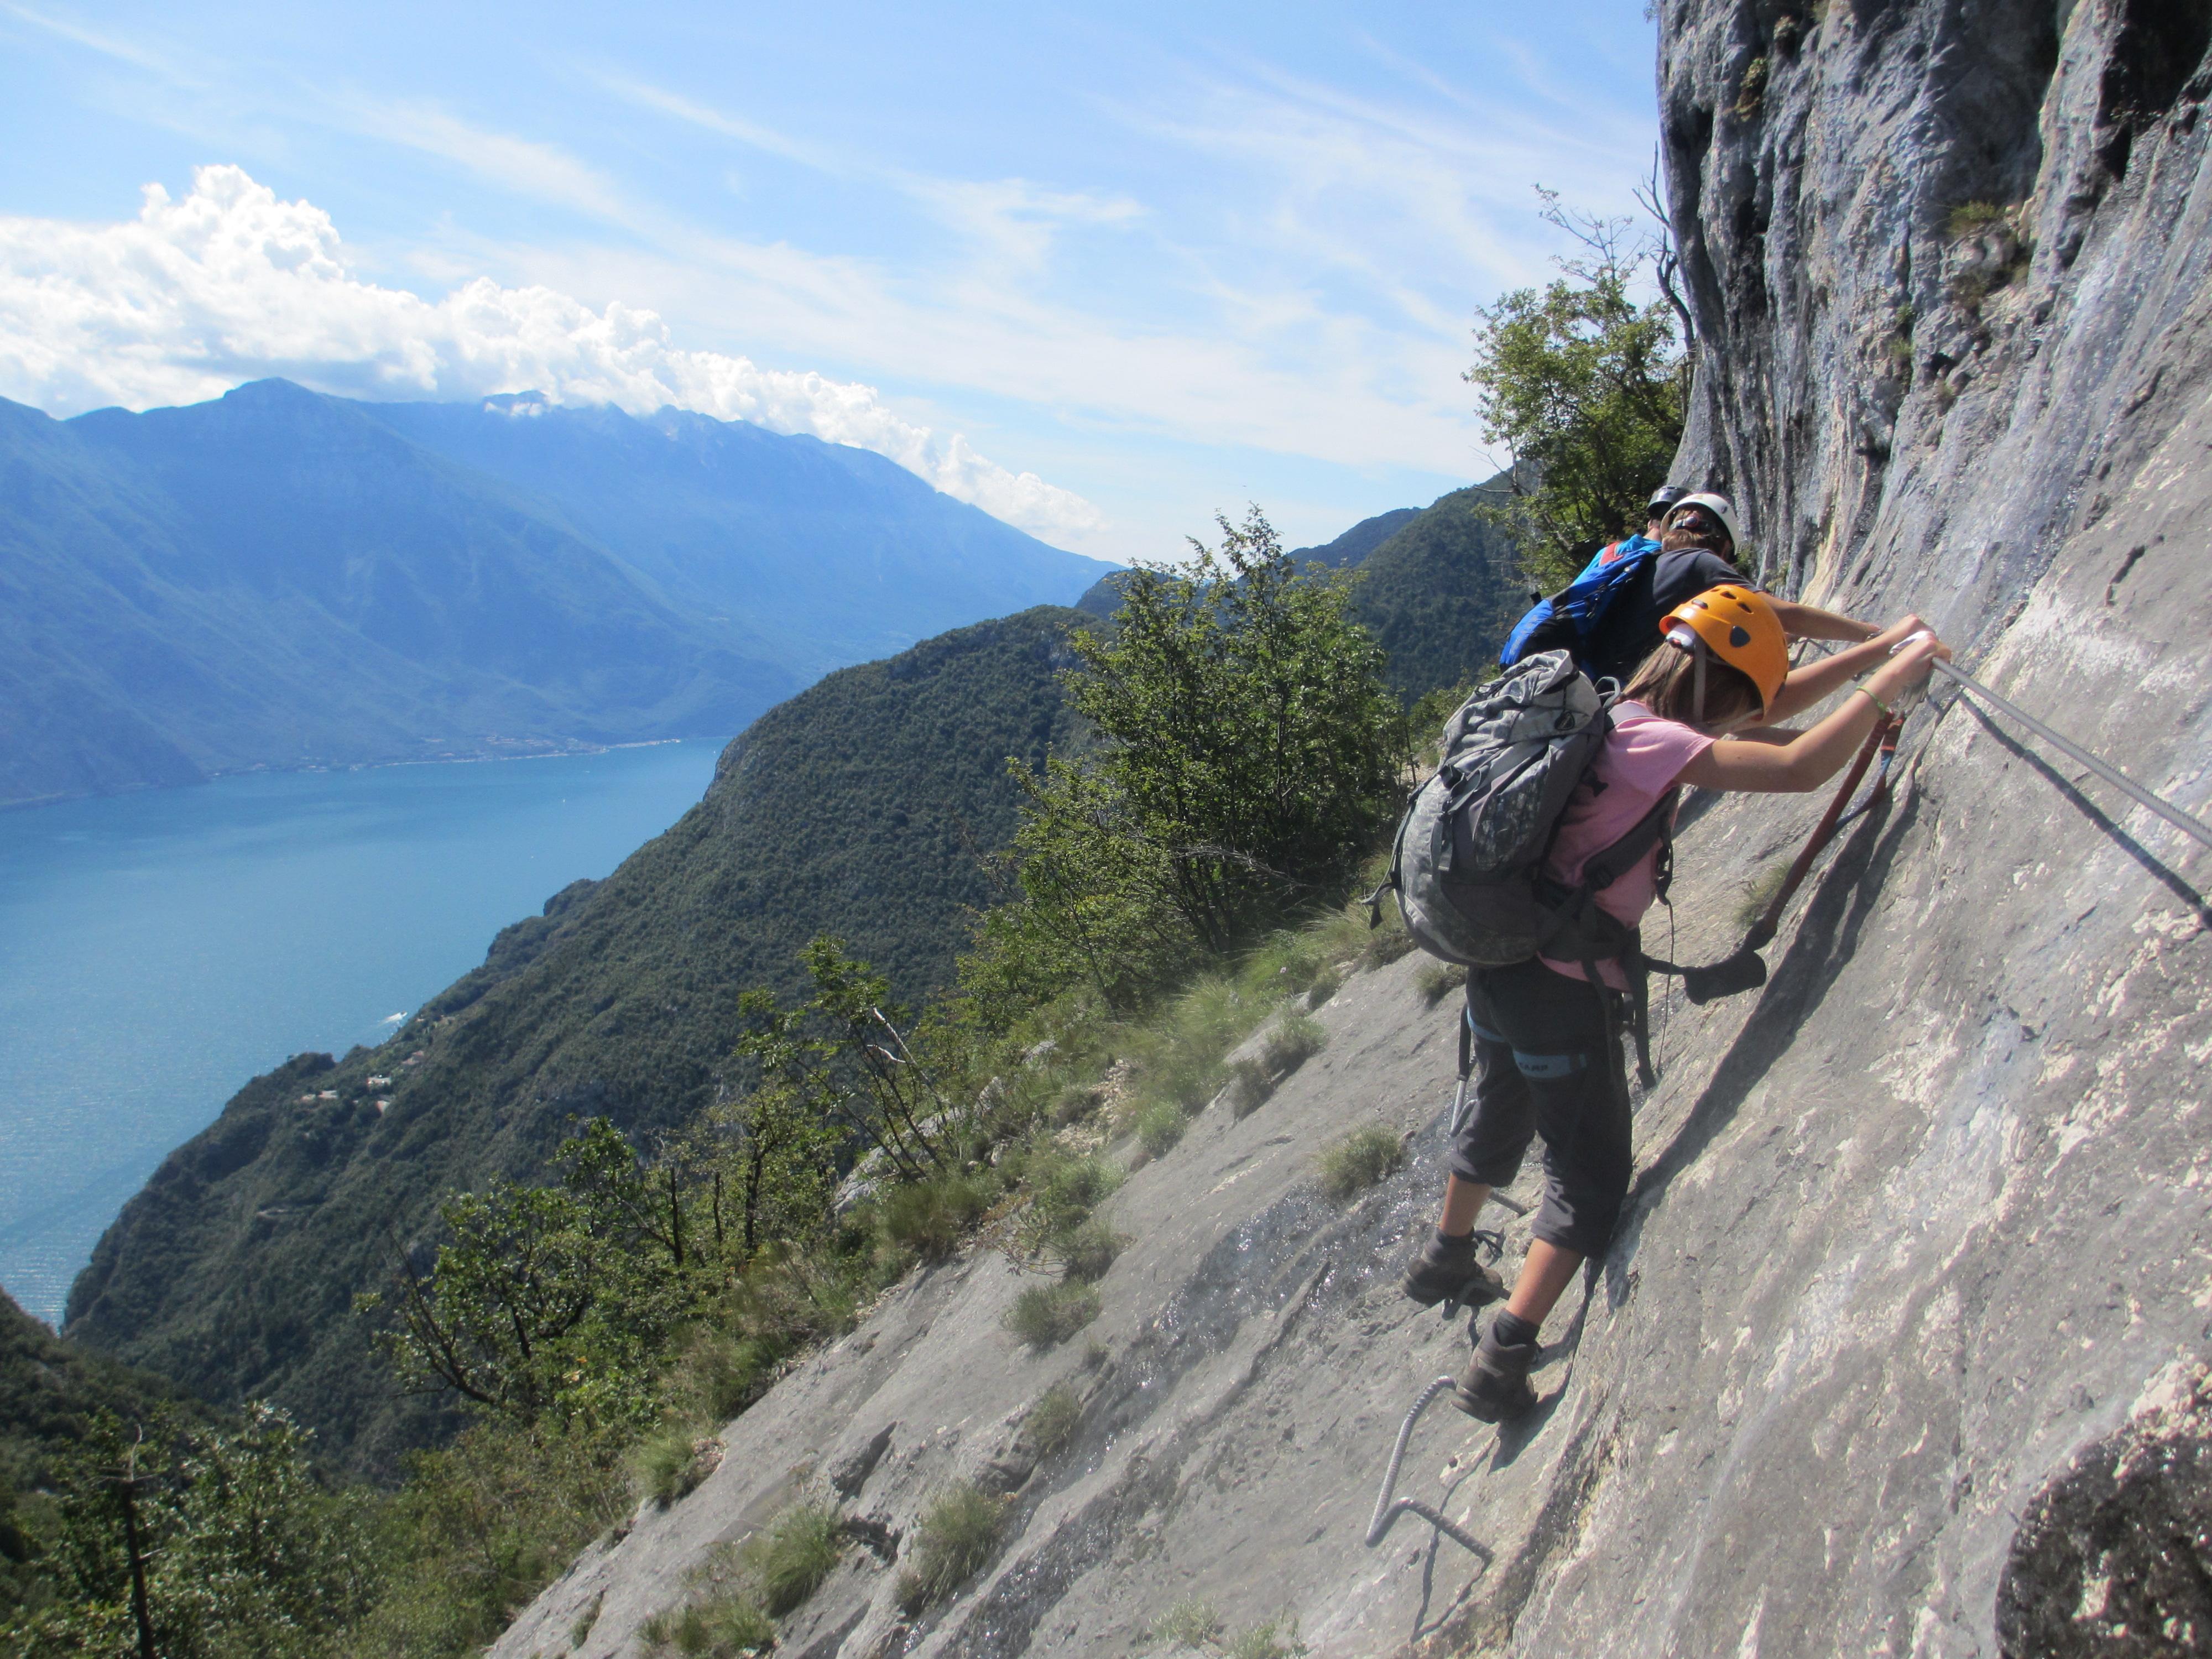 Klettersteig Cima Capi : Klettersteig woche in arco am gardasee